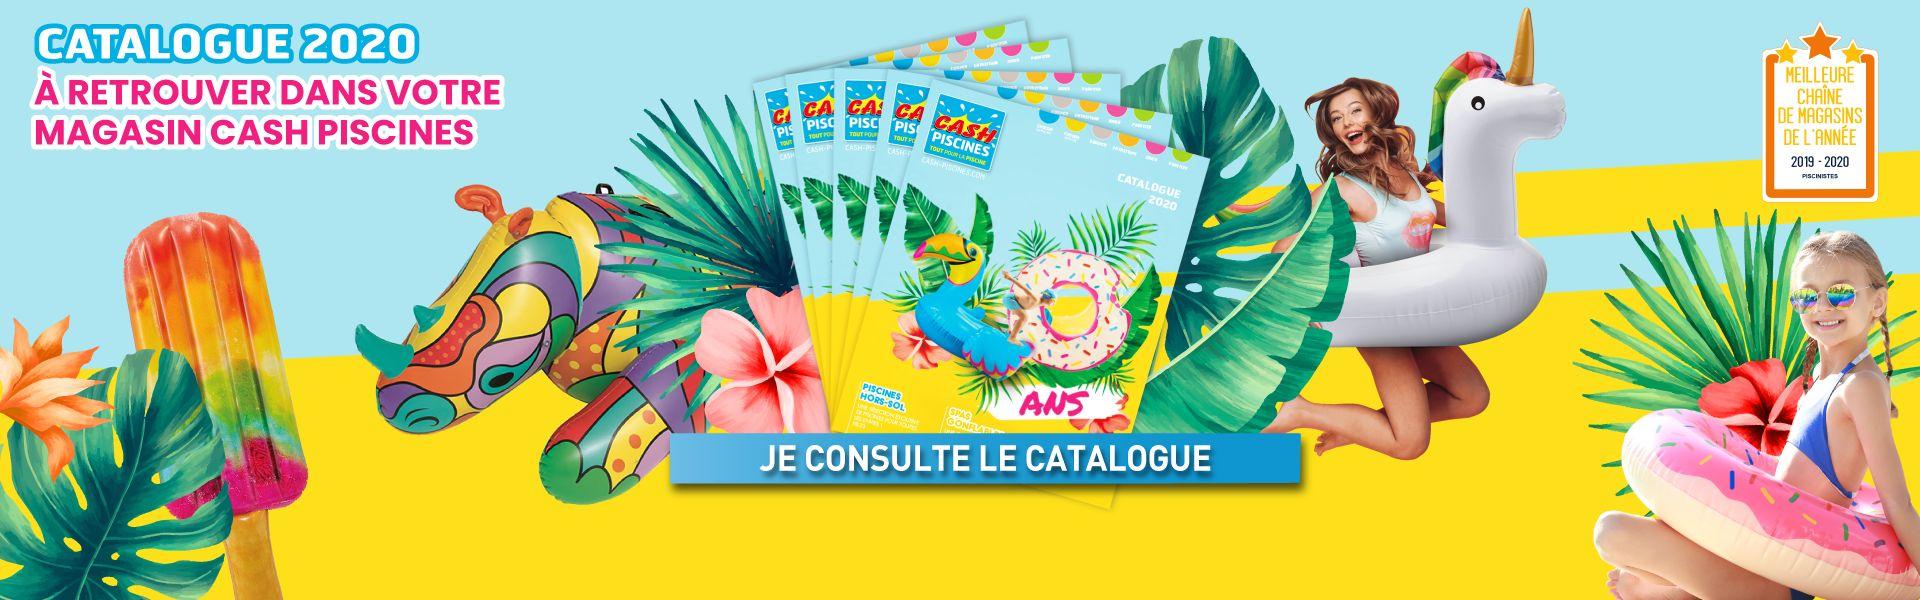 Cash Piscines - Tout Pour La Piscine & Spas Gonflables ... concernant Piscine Autoportée Gifi